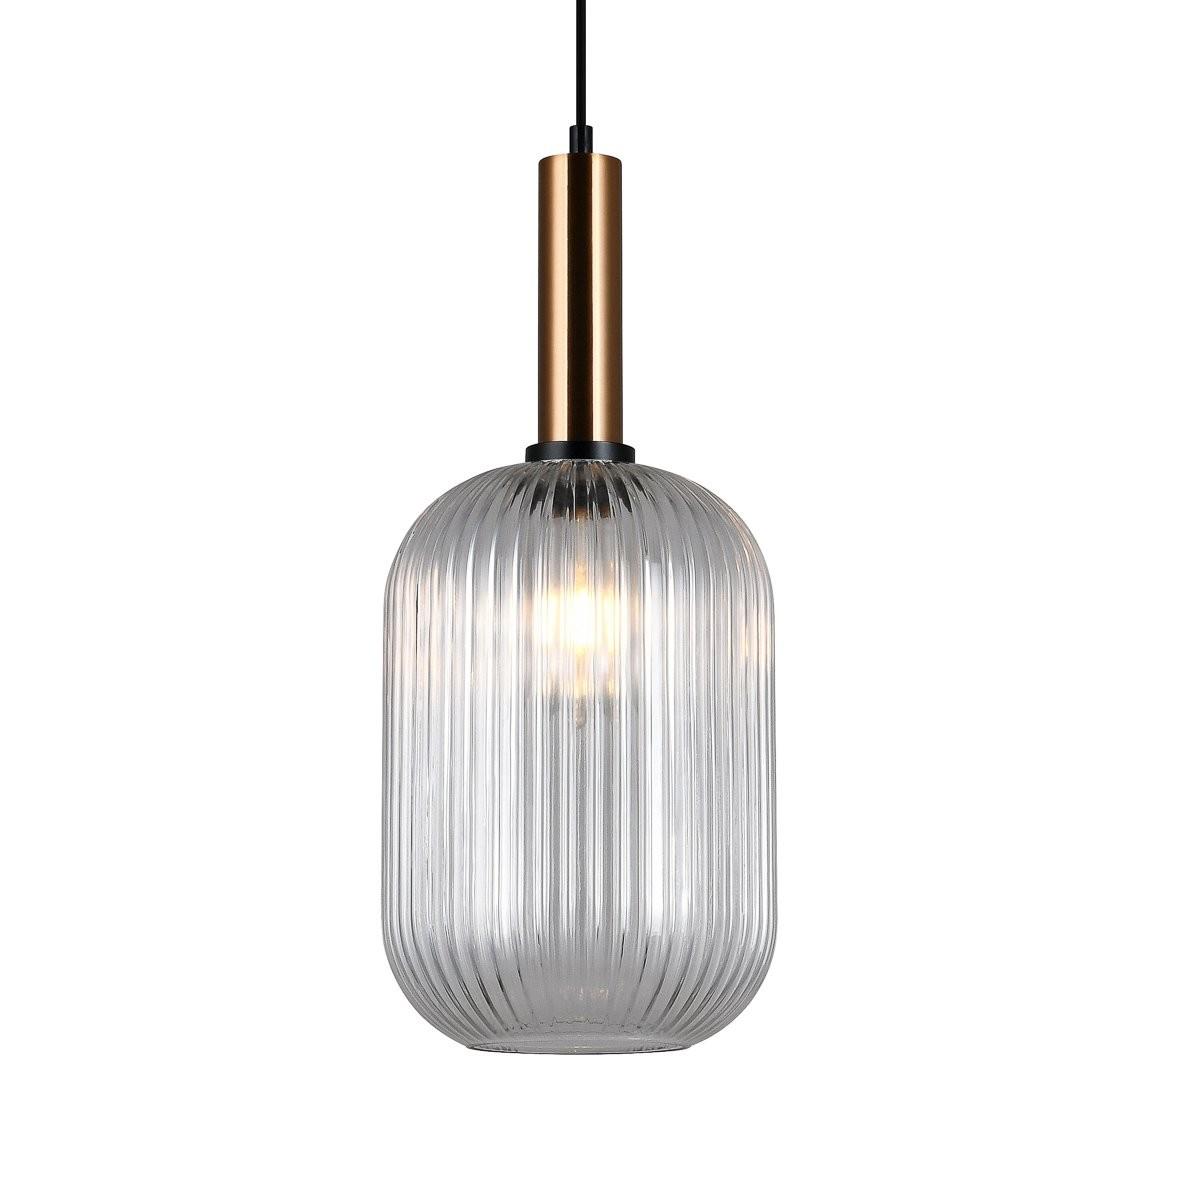 Italux PND-5588-1L-BRO+CL závěsné stropní svítidlo Antiola 1x40W | E27 - mosaz, průhledná